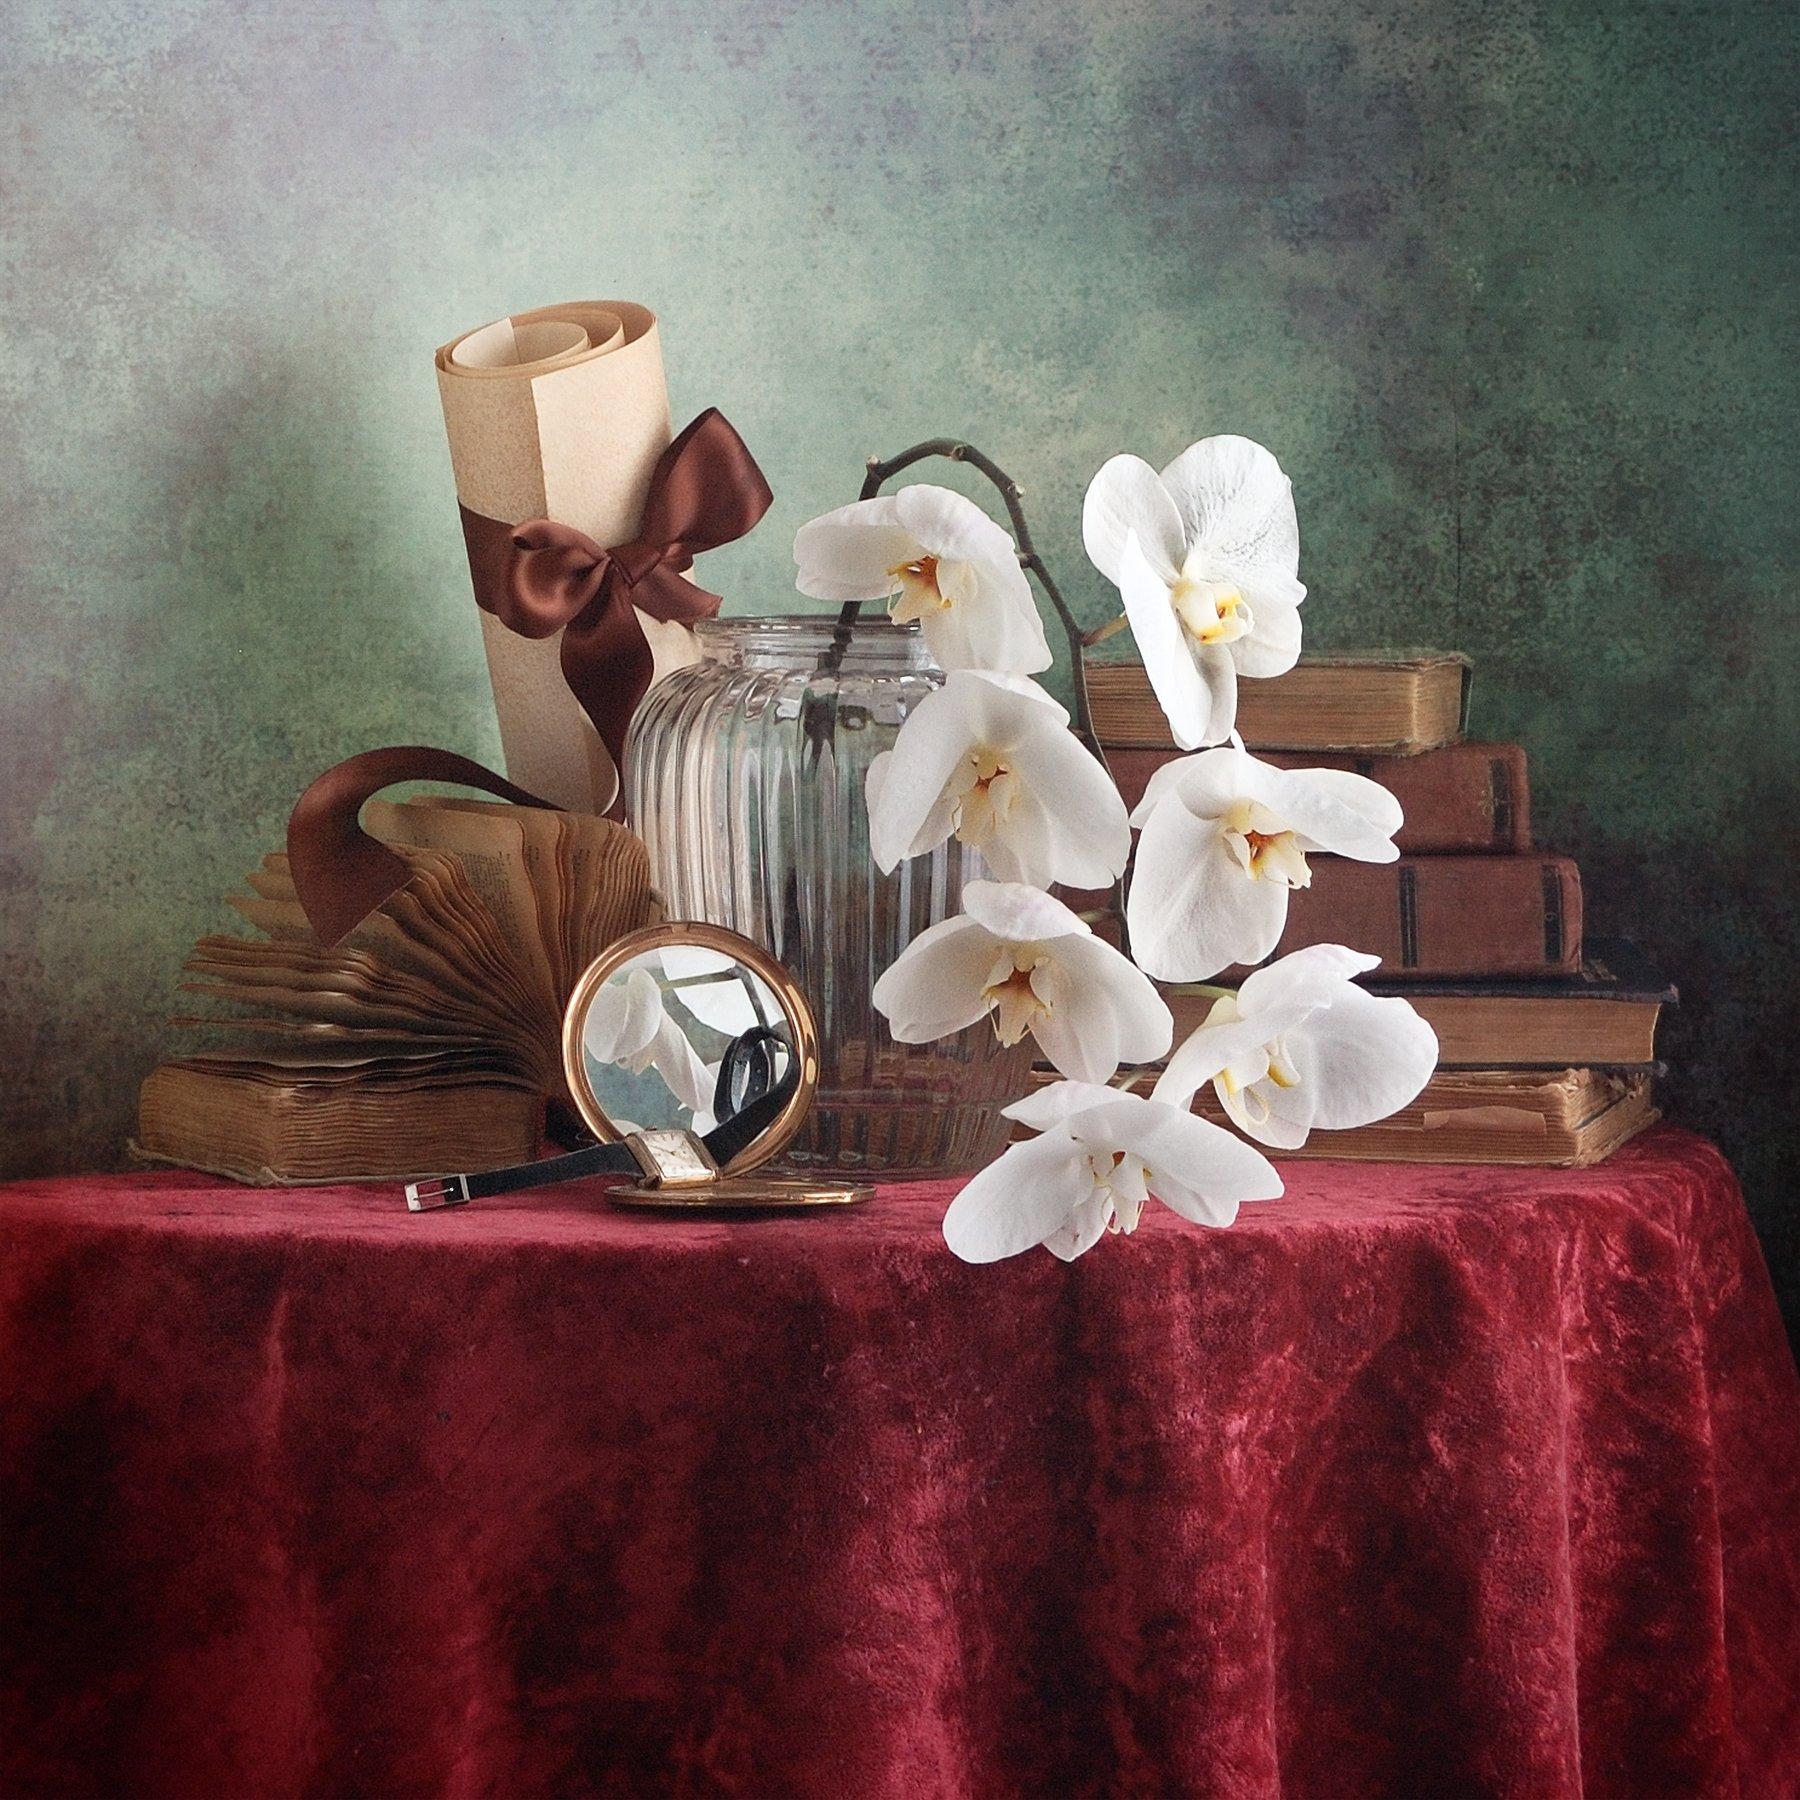 Классический, натюрморт, белый, орхидея, стеклянный, ваза, старый, книга, темно-красный, ткань, драпировка, домашний, интерьер, винтажный, зеркало, Николай Панов